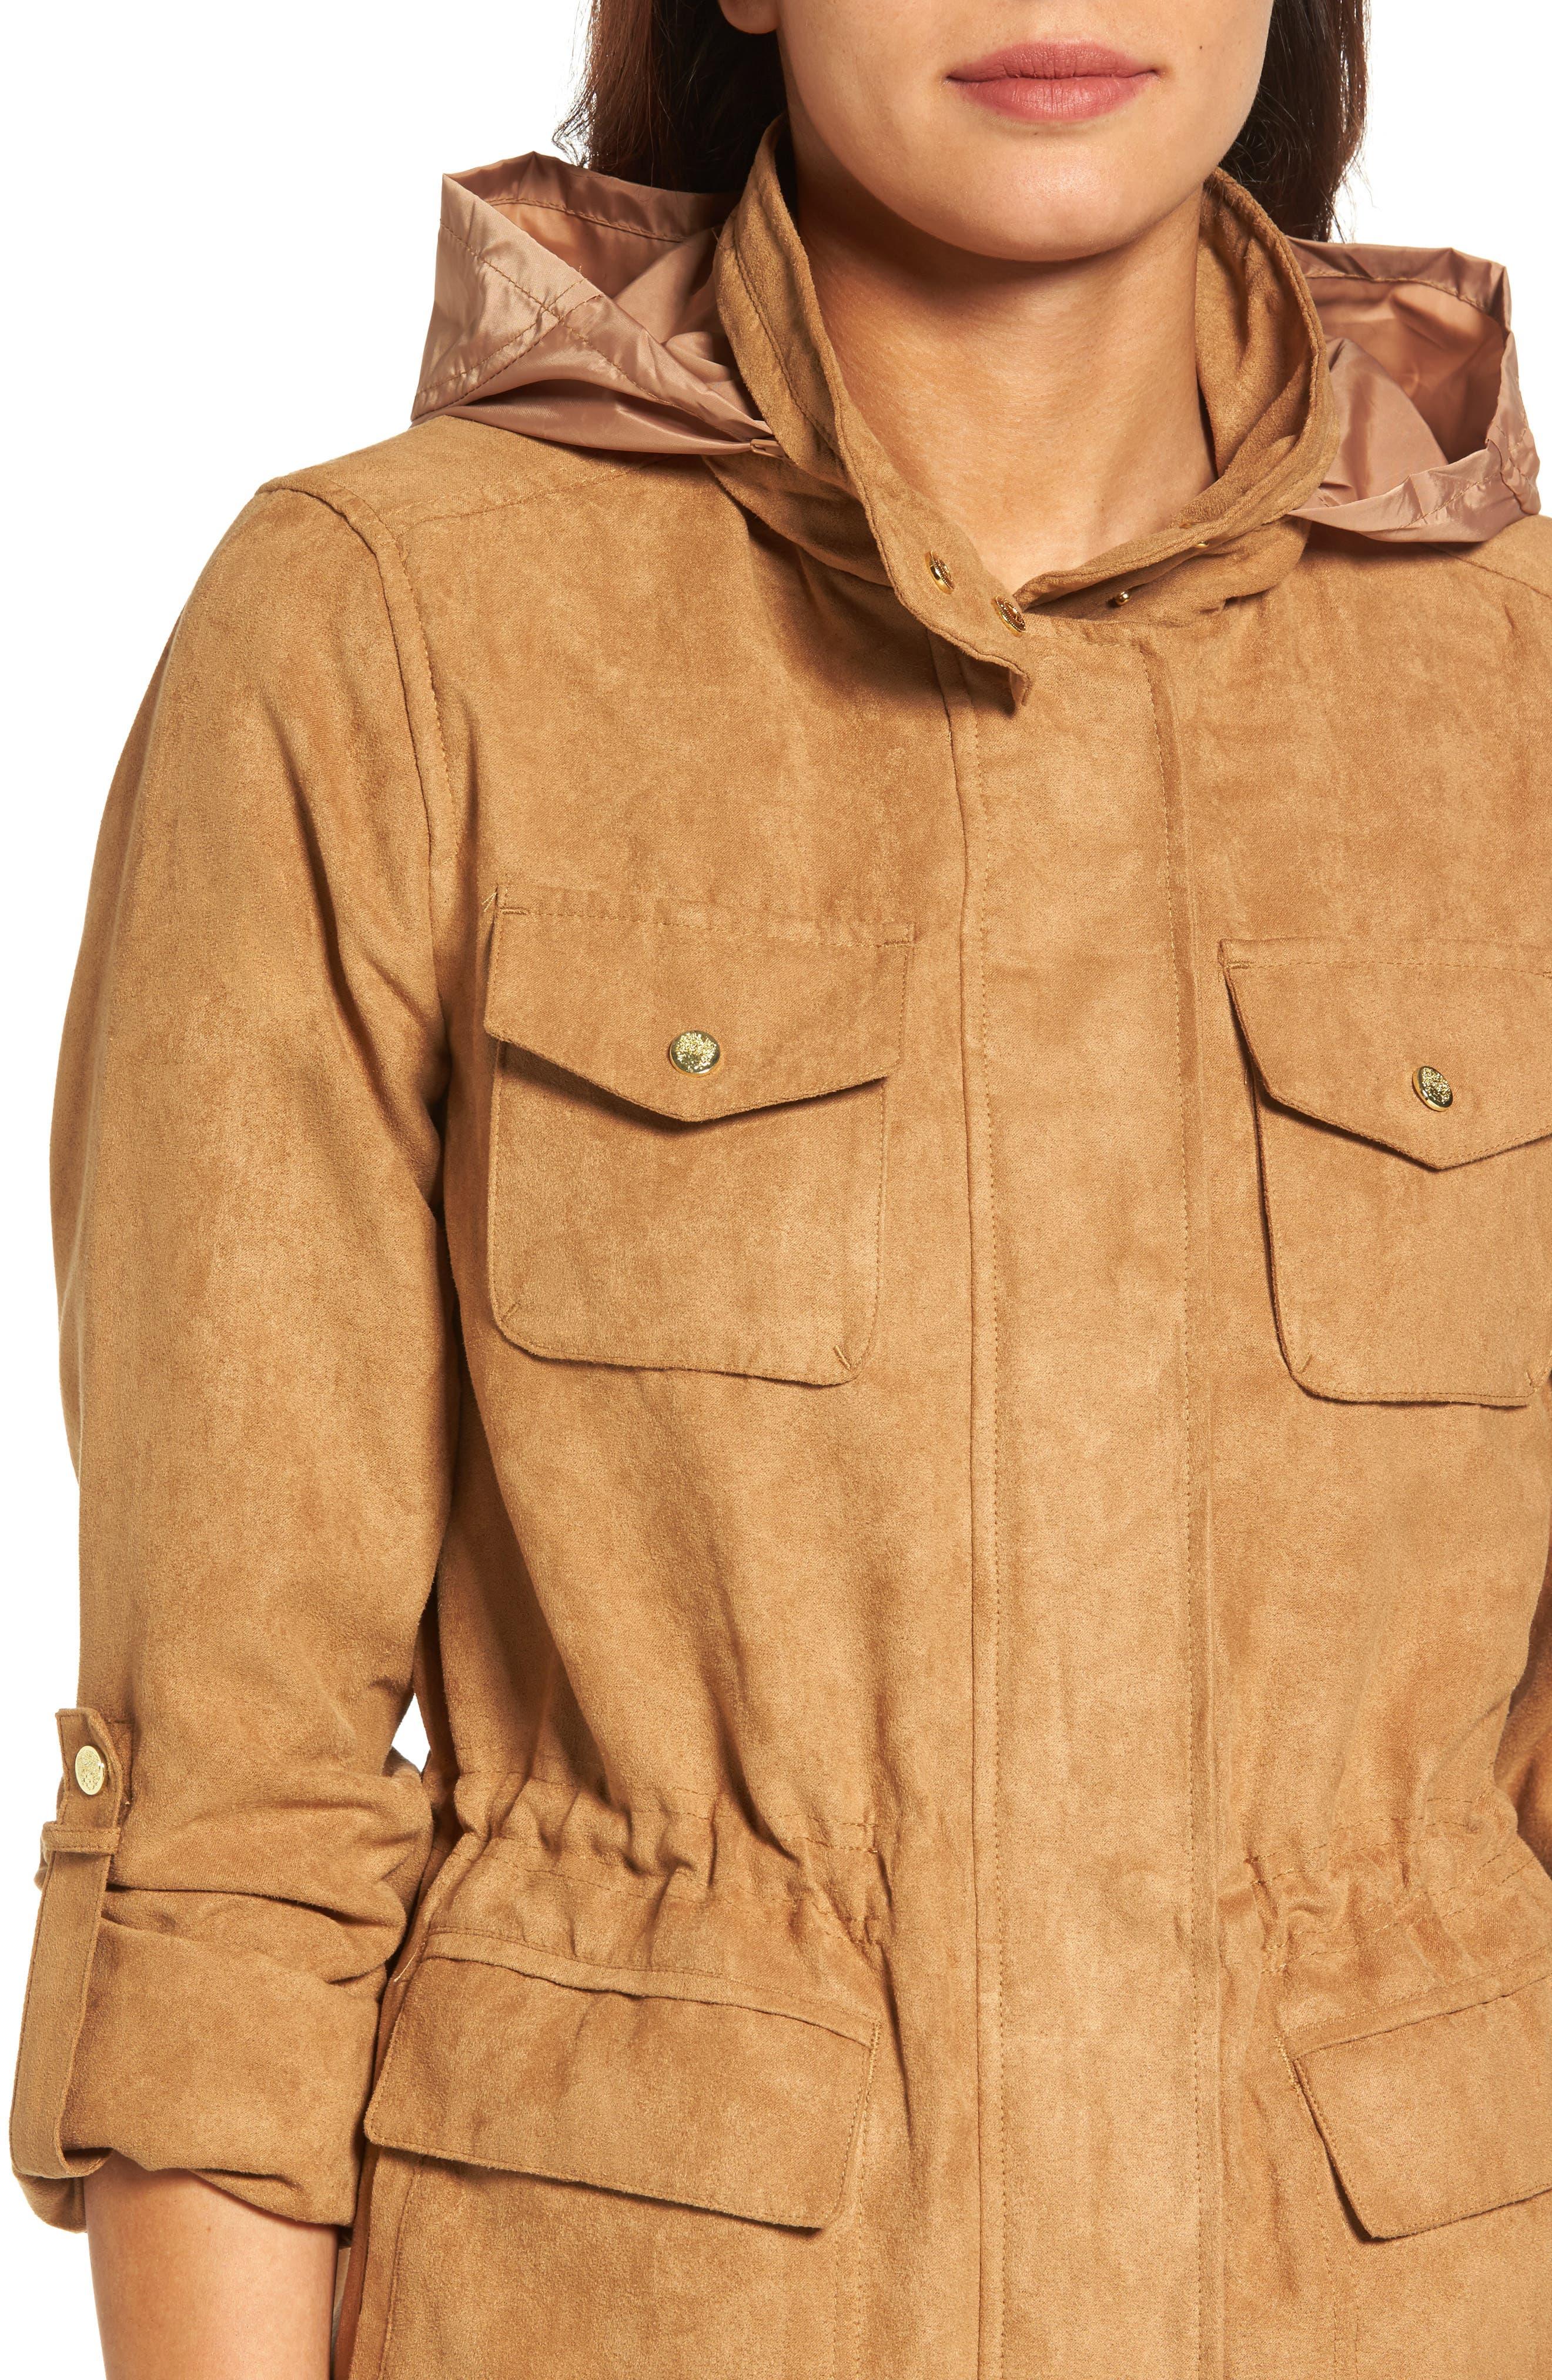 Faux Suede Utility Jacket,                             Alternate thumbnail 4, color,                             252